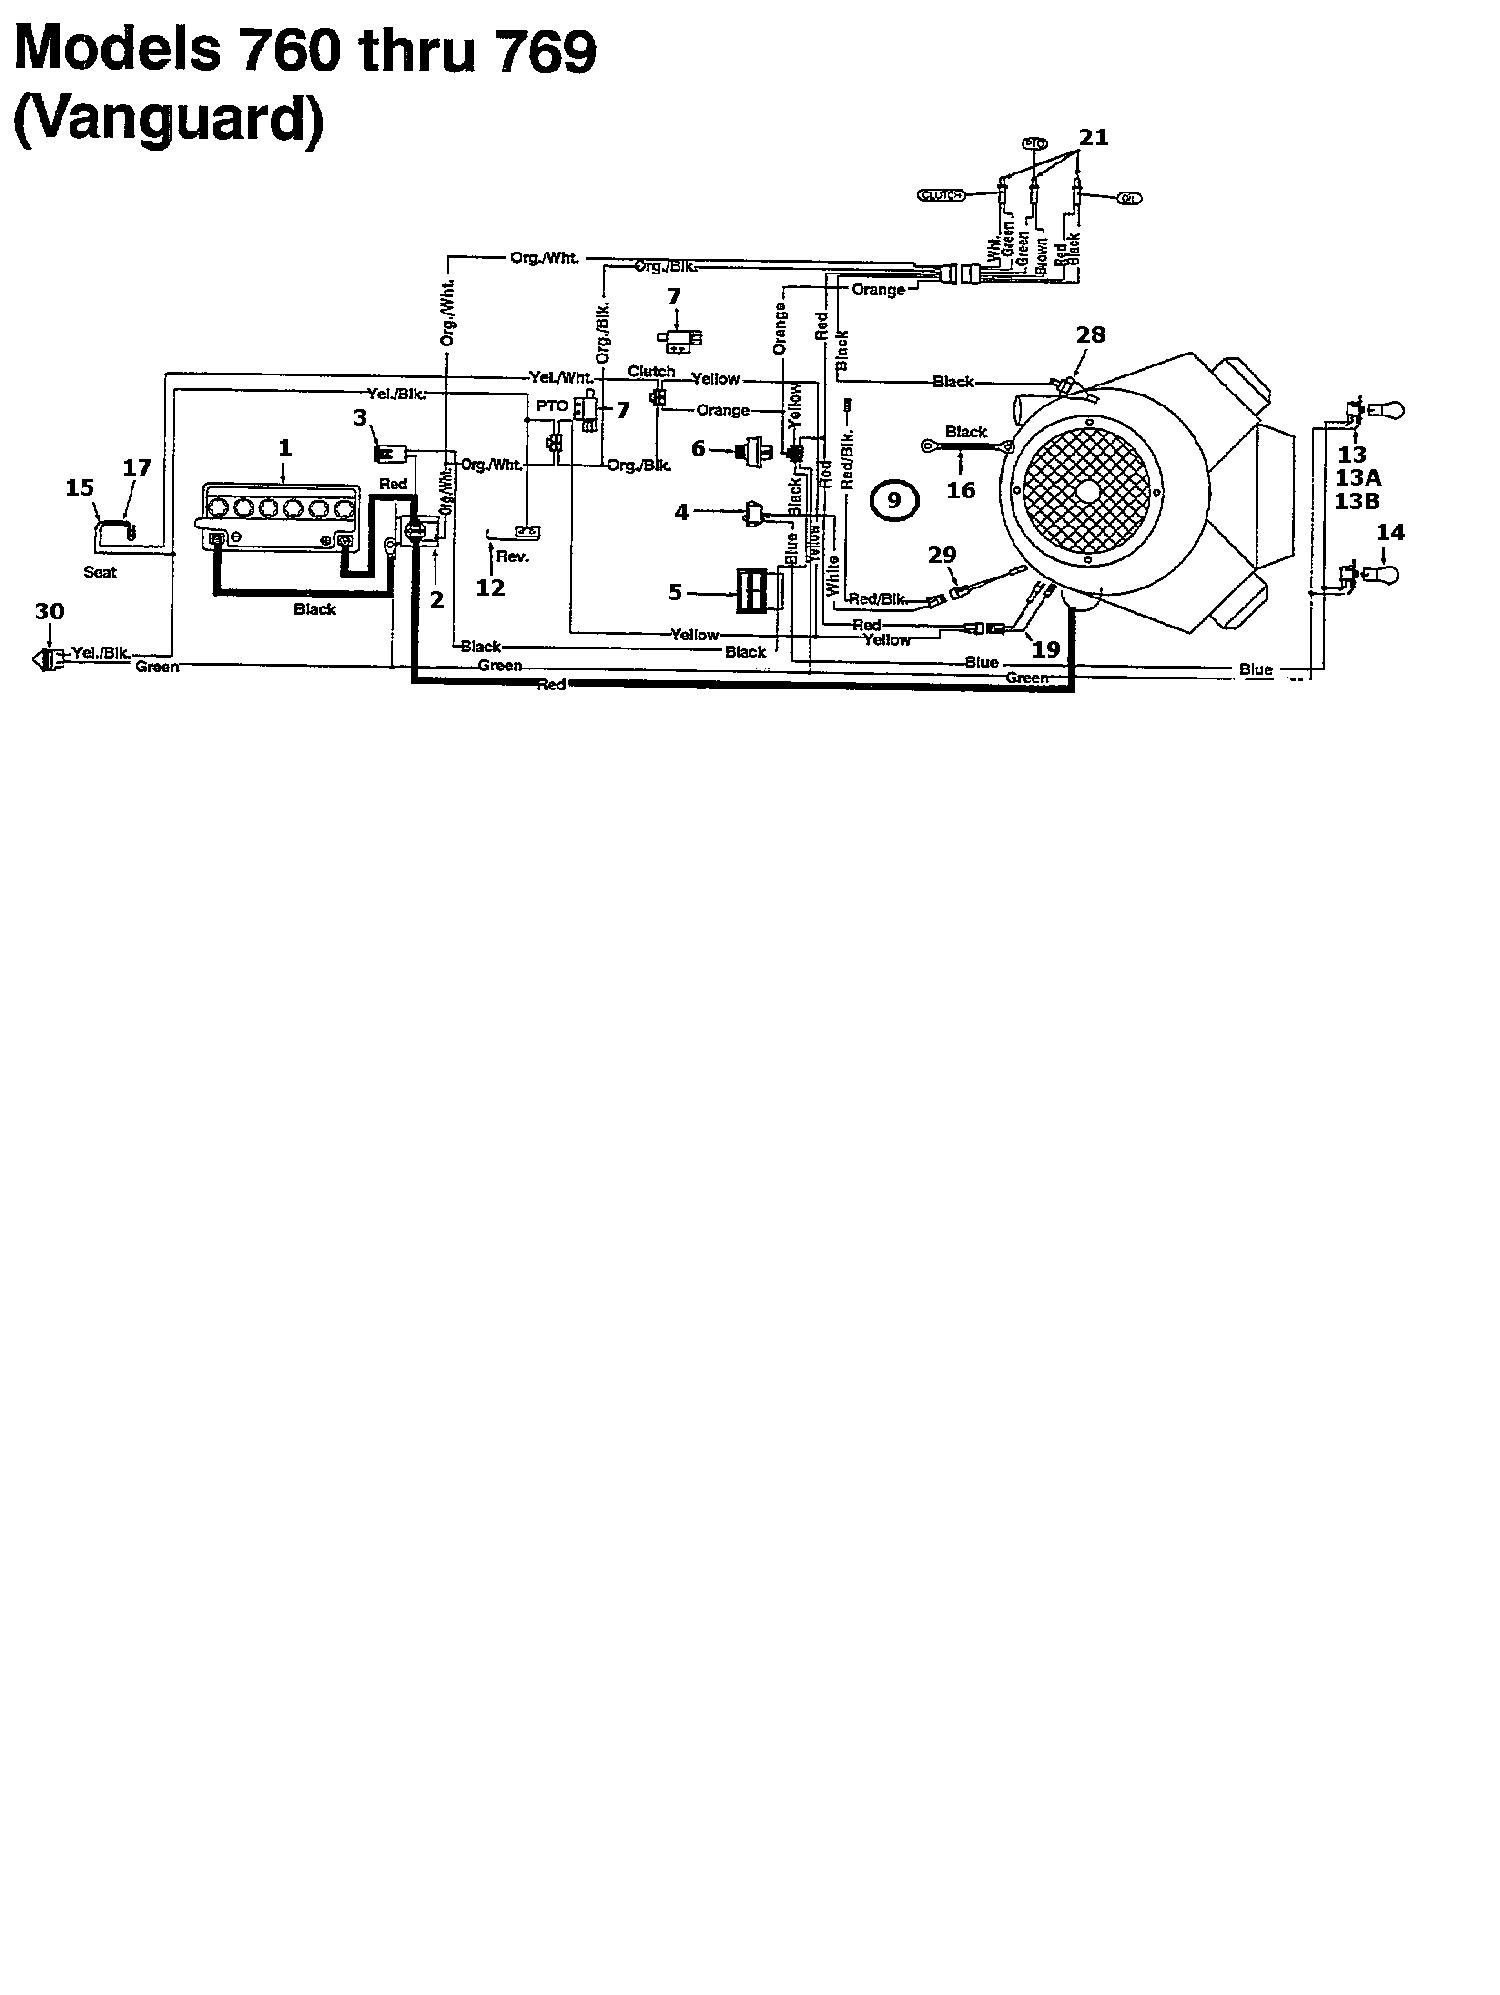 MTD 125/102 Schaltplan Vanguard 134K765N678 (1994)